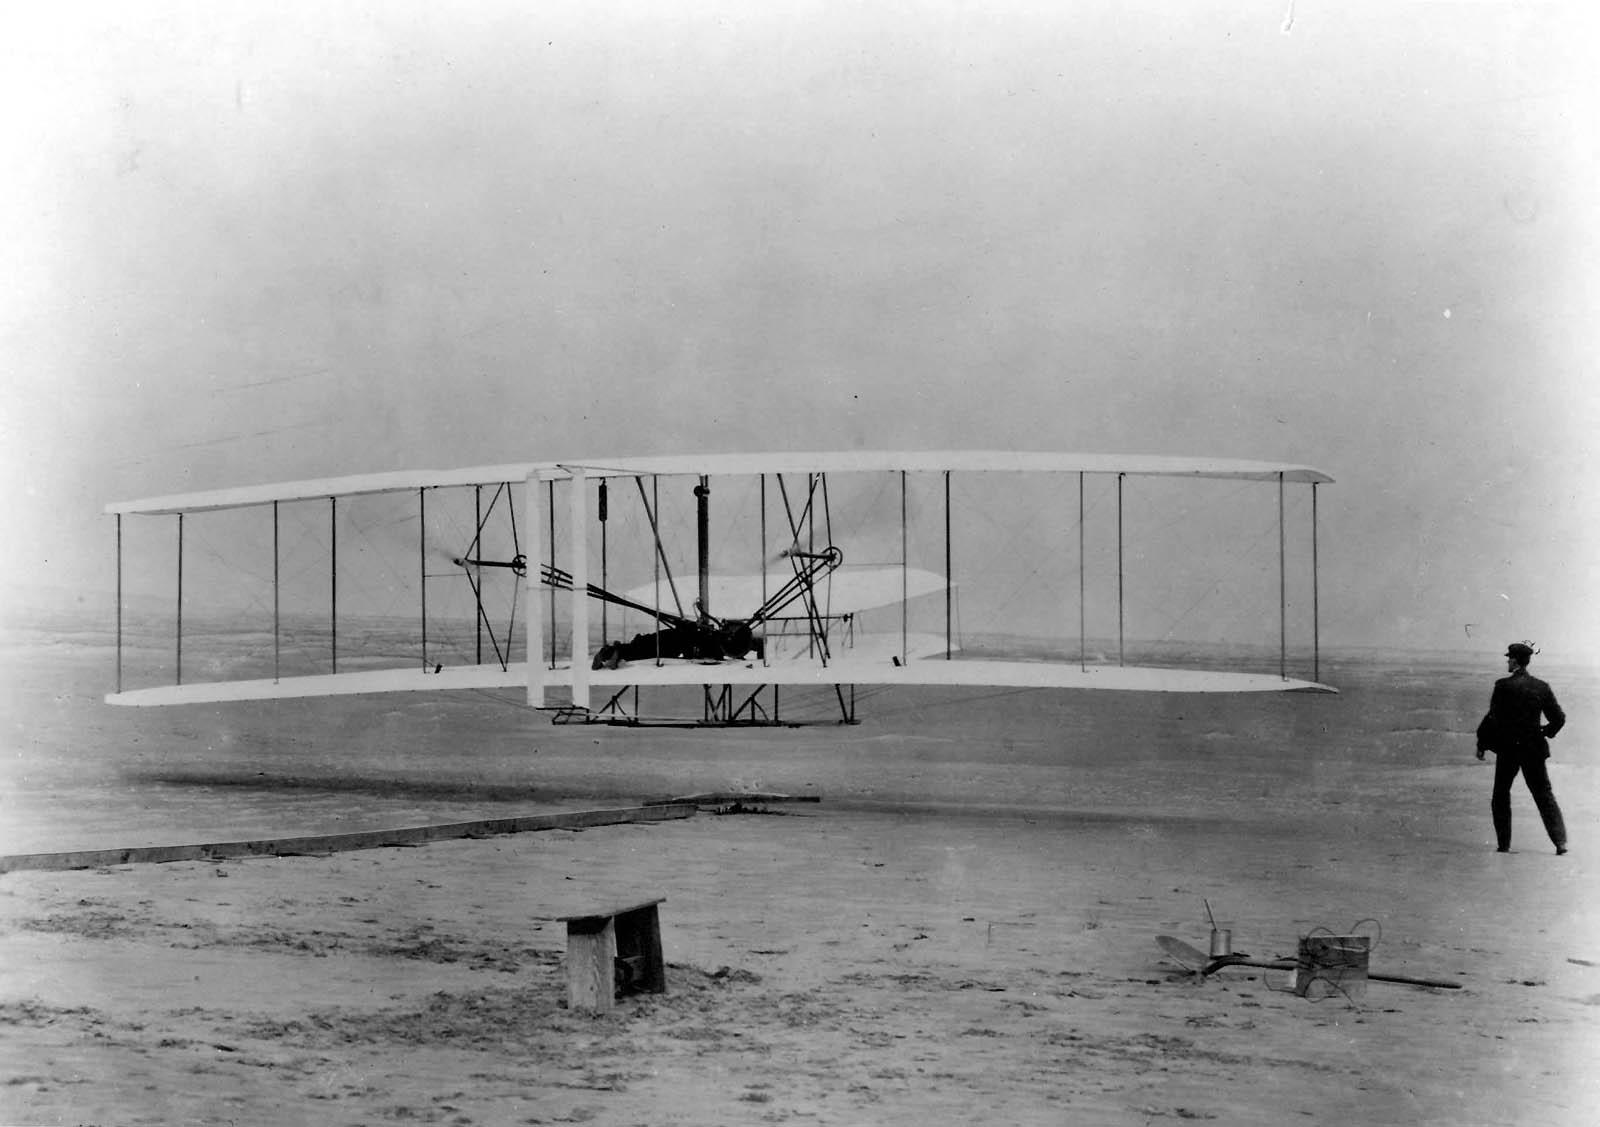 Vol du 17 Décembre 1903 des Frères Wright à Kitty-Hawk (Caroline du Nord) - Domaine public - John T. Daniels — U.S. Air Force photo First Flight